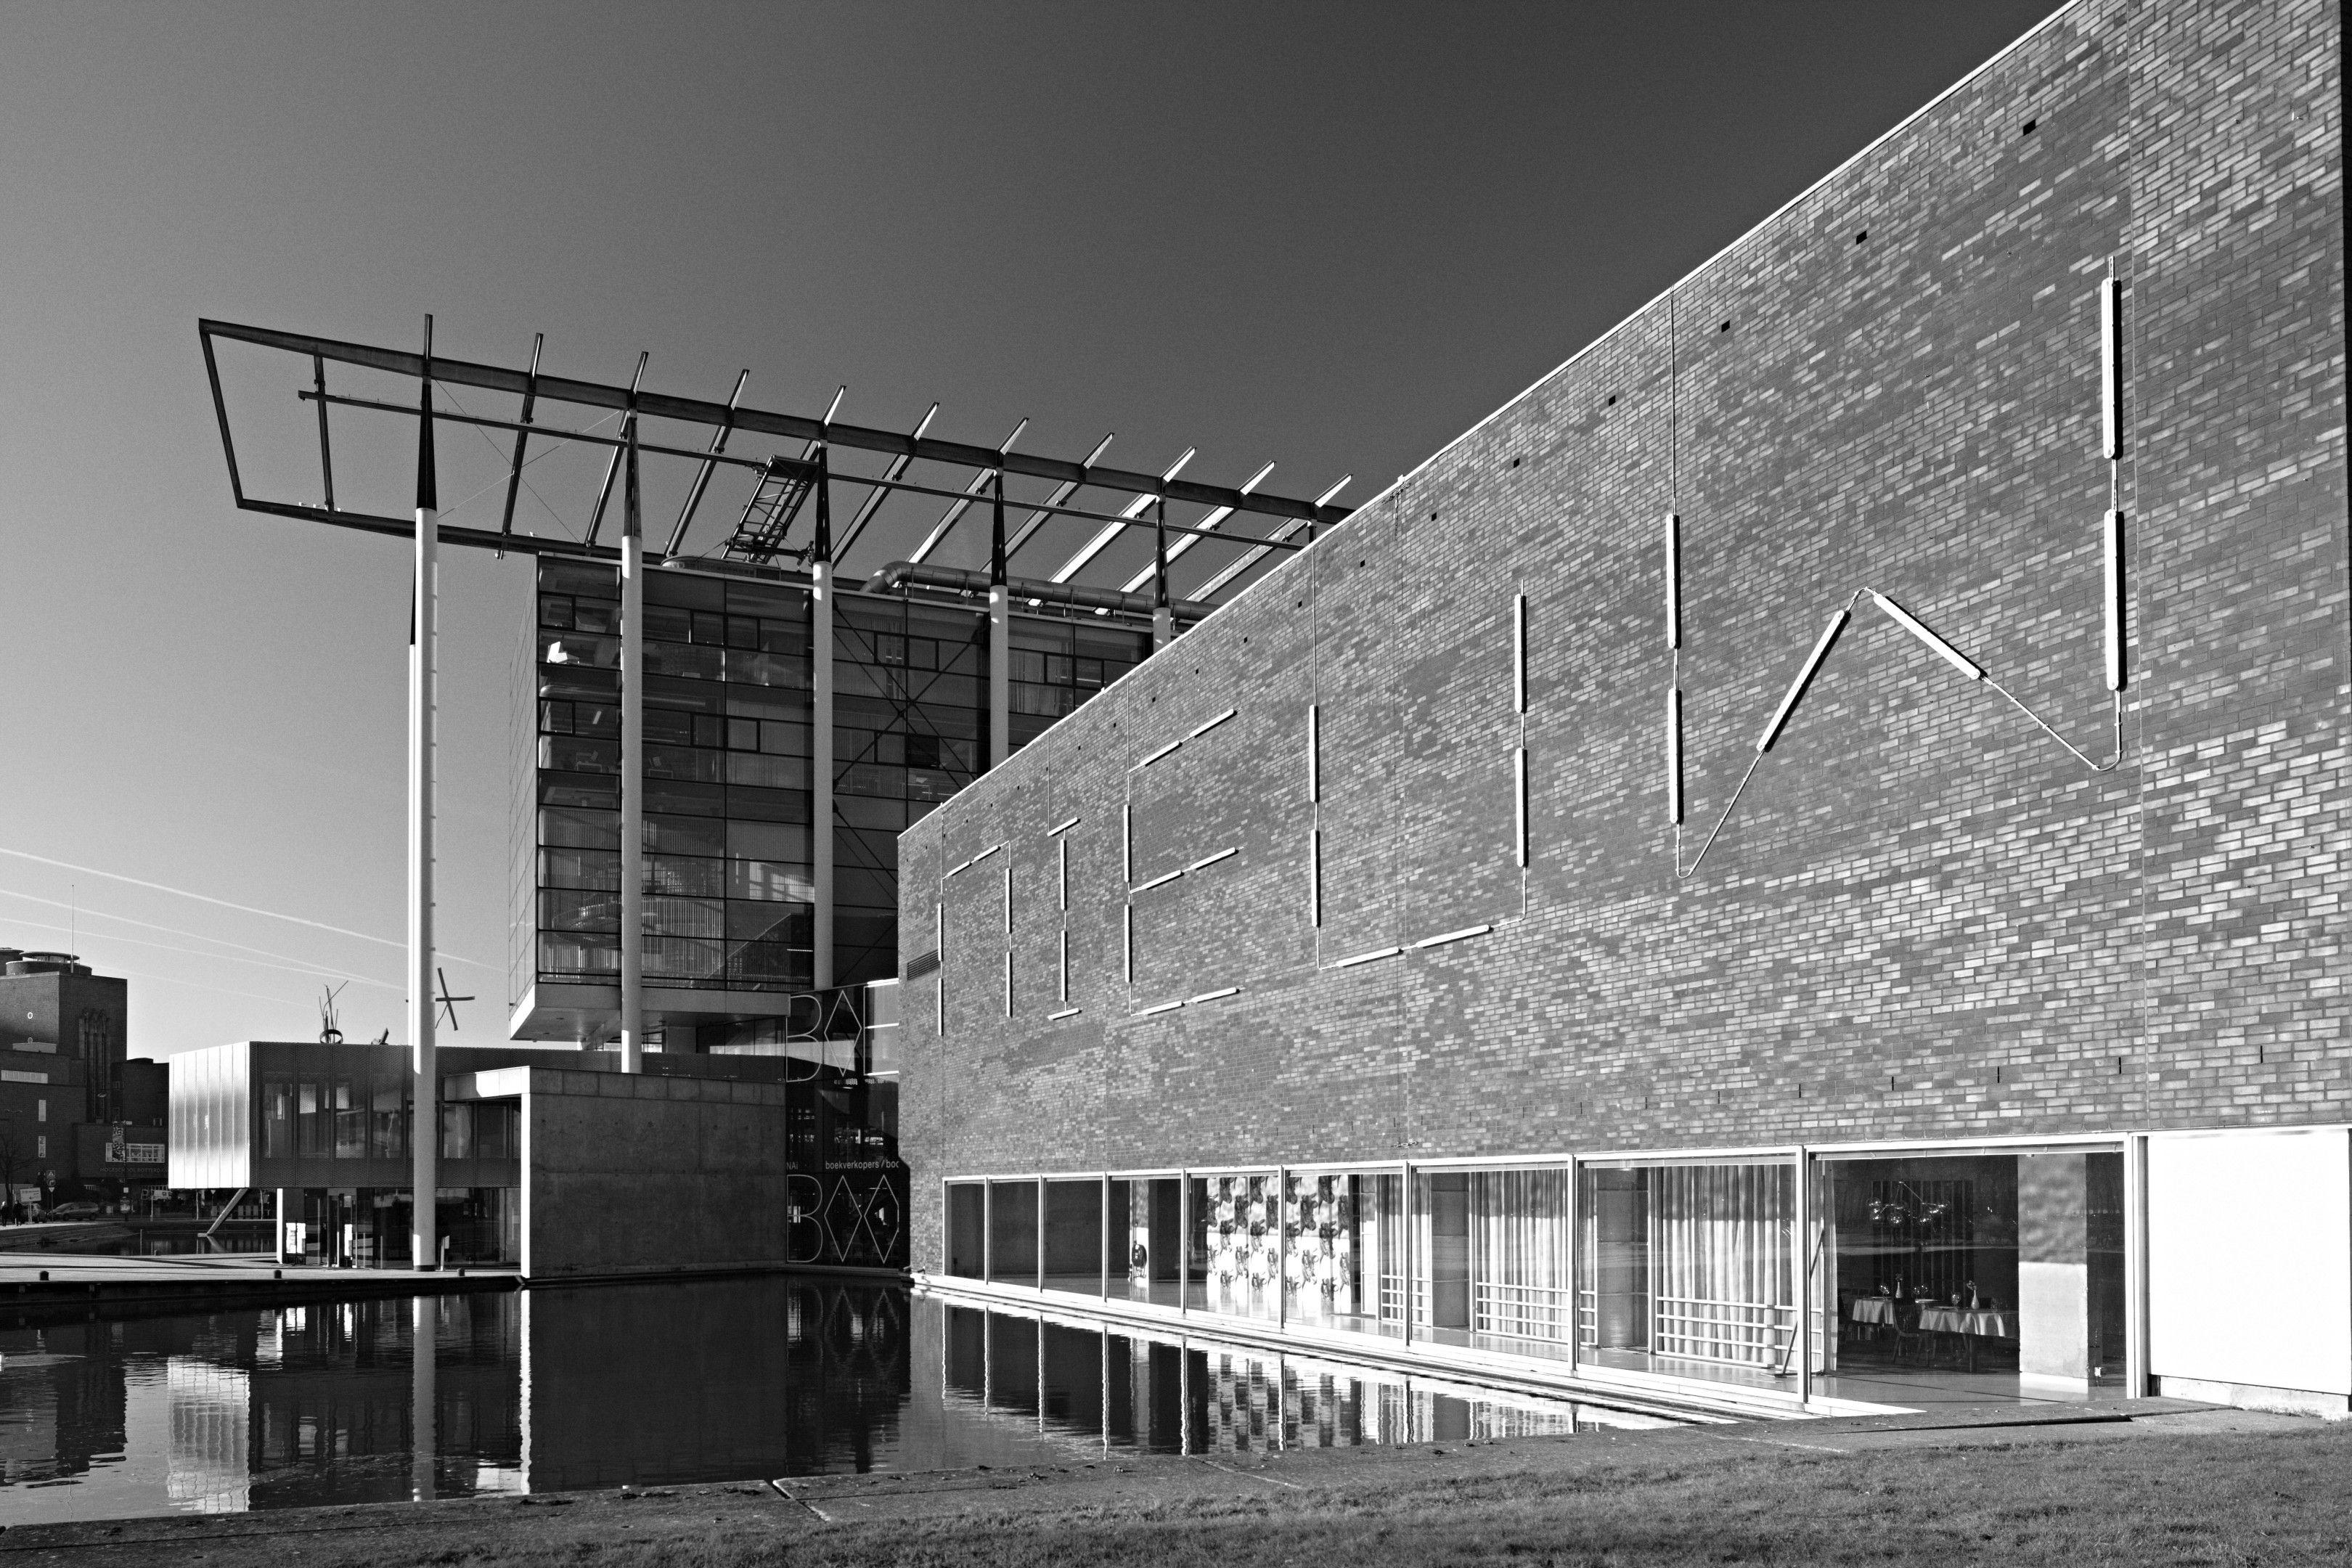 Het Nieuwe Instituut  architectuur, design, e-cultuur  De huidige tijd wordt gekenmerkt door radicale technologische, economische, culturele en sociale veranderingen. Het Nieuwe Instituut wil deze veranderende wereld in kaart brengen en zichtbaar maken en tegelijkertijd de discussie hierover bevorderen voor zowel het professionele ontwerpveld als een breder publiek.    www.hetnieuweinstituut.nl